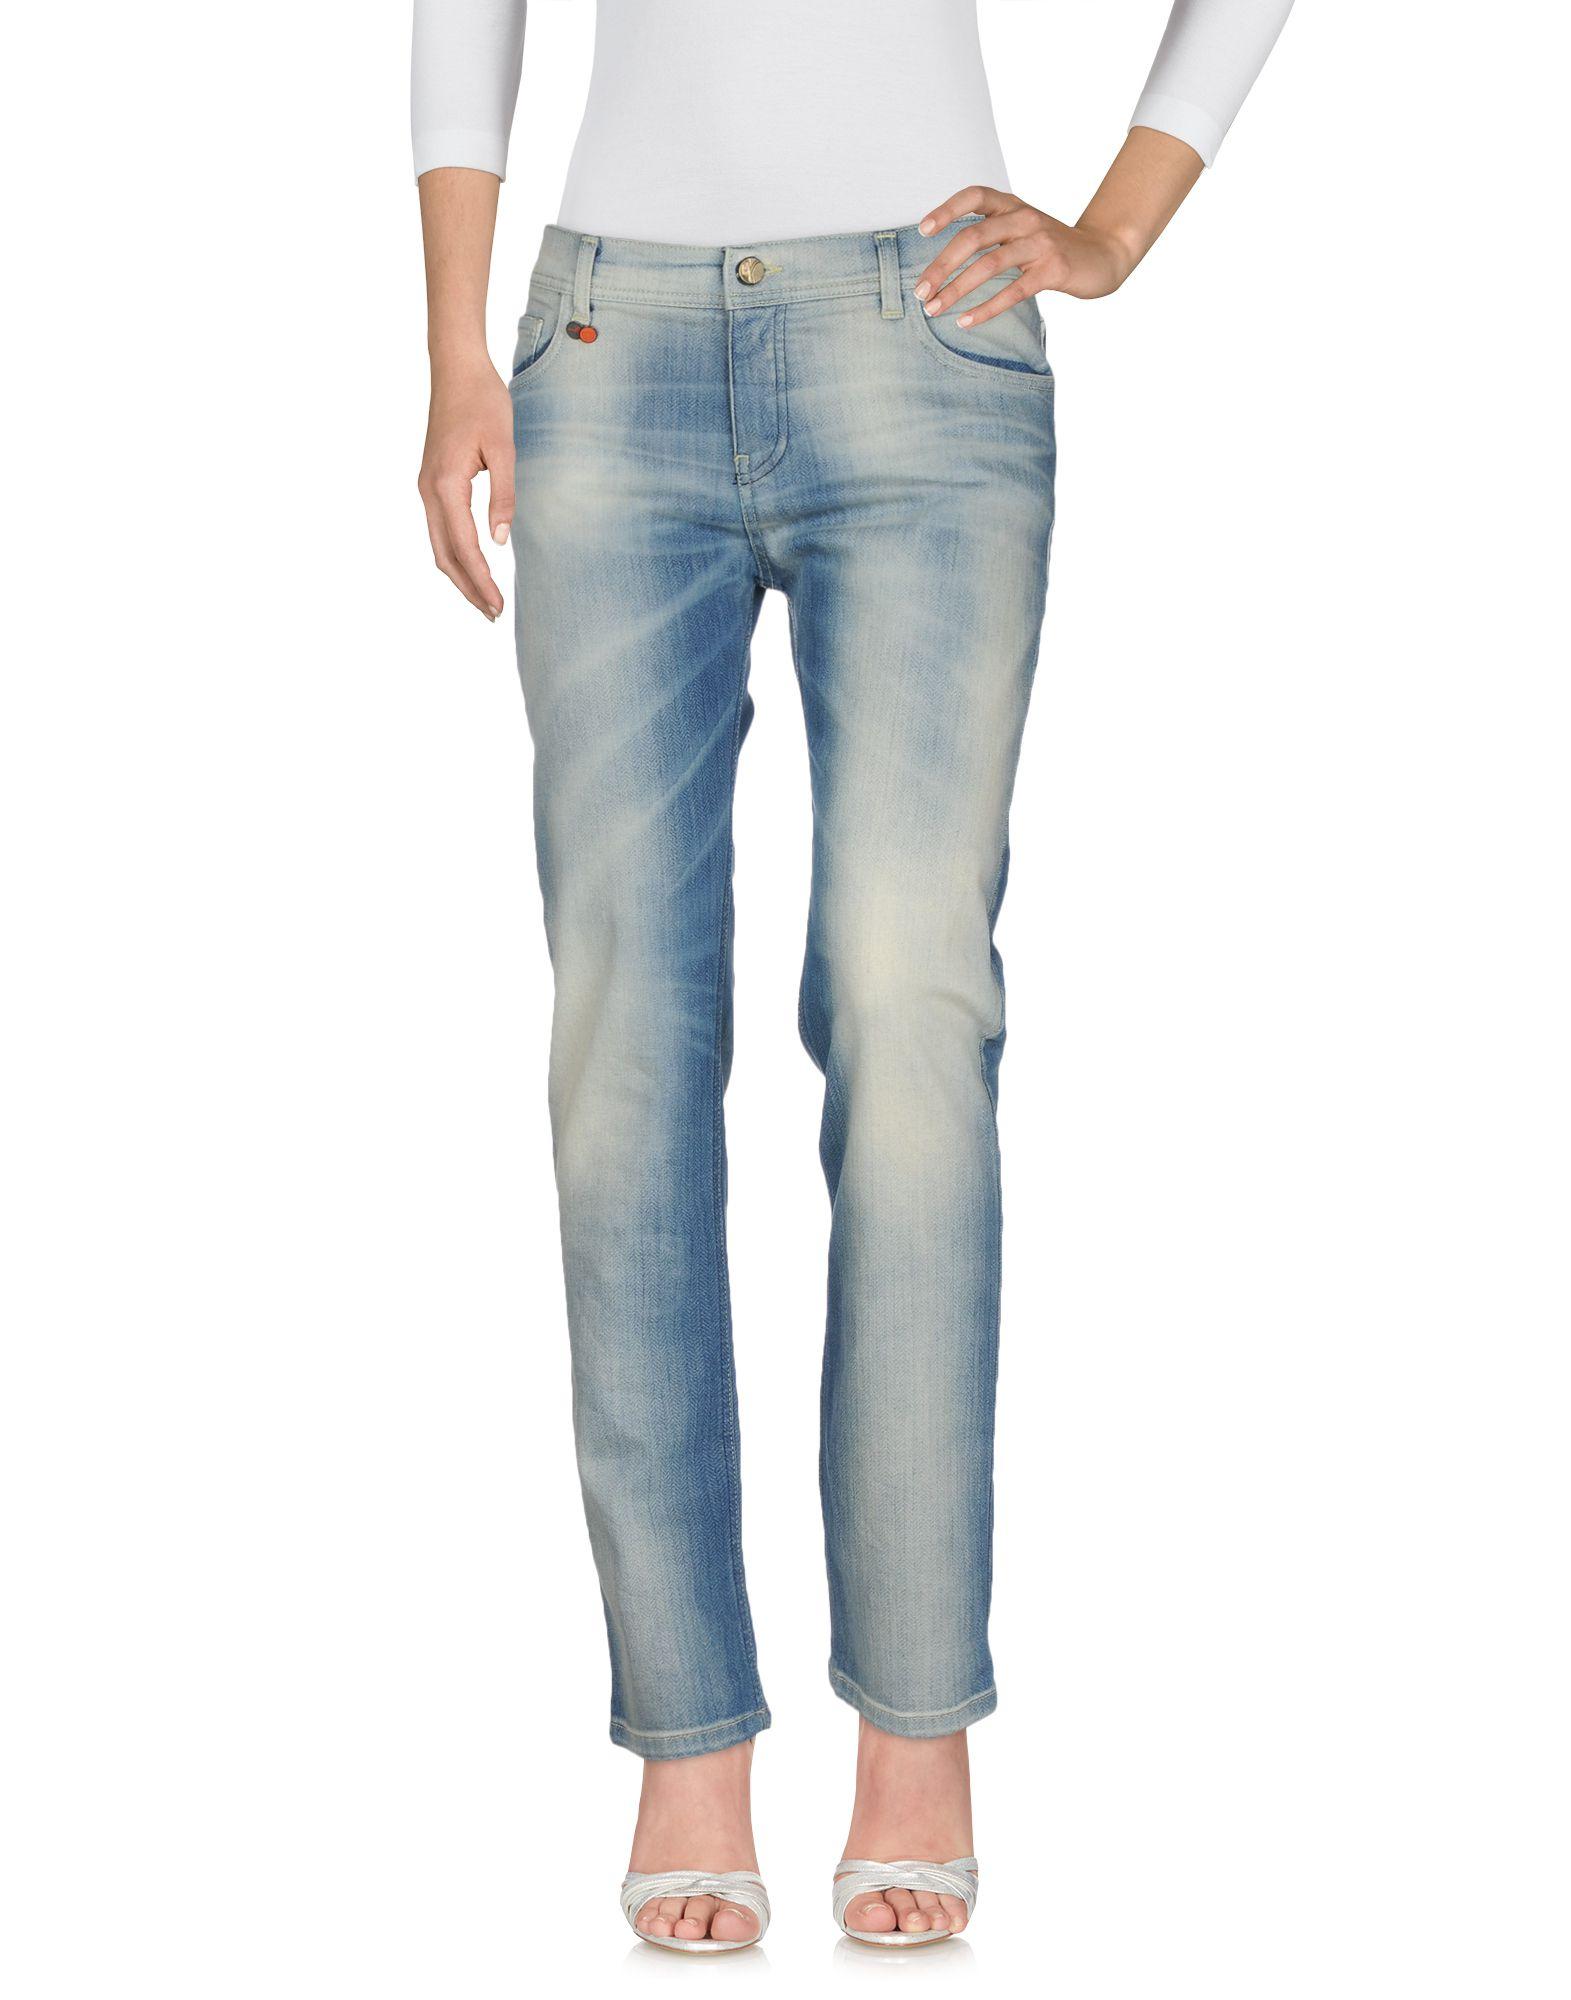 Pantaloni Pantaloni Jeans Manila Grace Denim donna - 42663818UX  für Ihren Spielstil zu den günstigsten Preisen